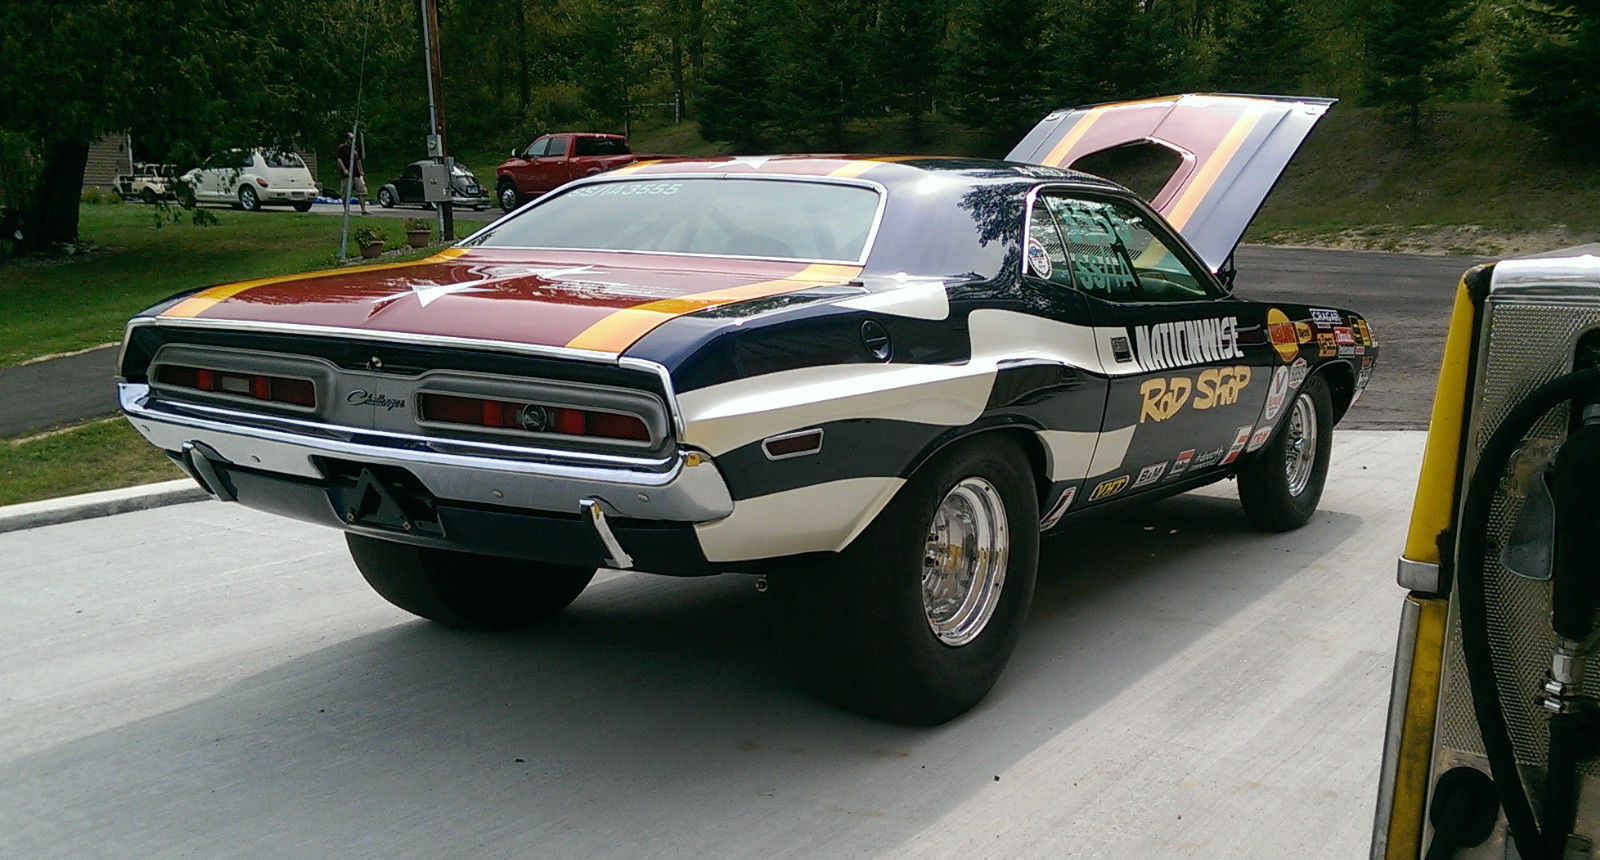 """Hellcat Challenger For Sale >> 1971 """"Rod Shop"""" Challenger on eBay   Mopar Blog"""